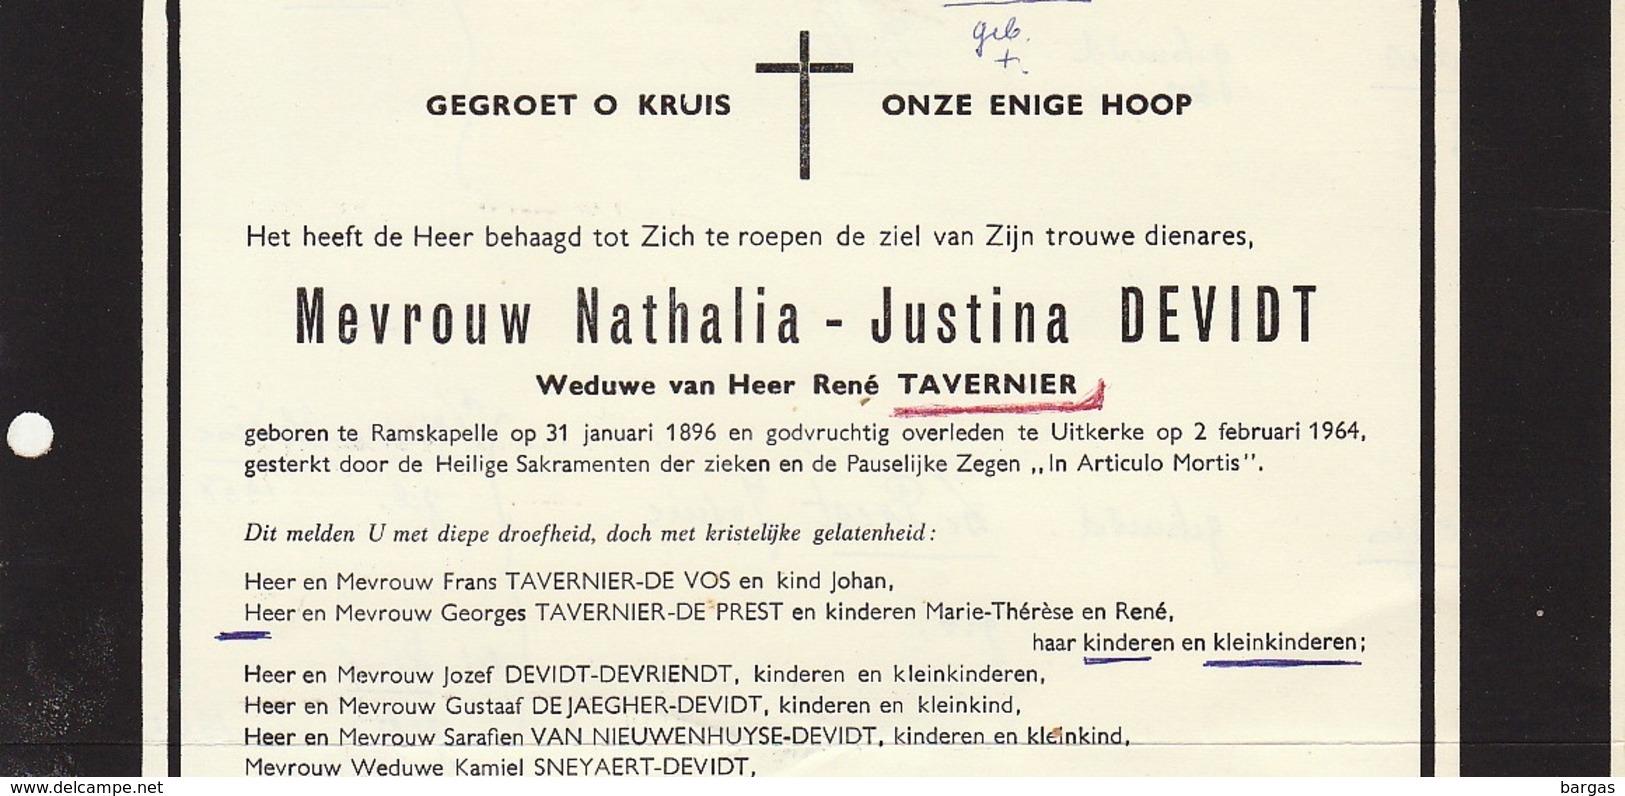 Faire Part De Décès Nathalia Devidt Tavernier Ramskapelle Uitkerke - Overlijden